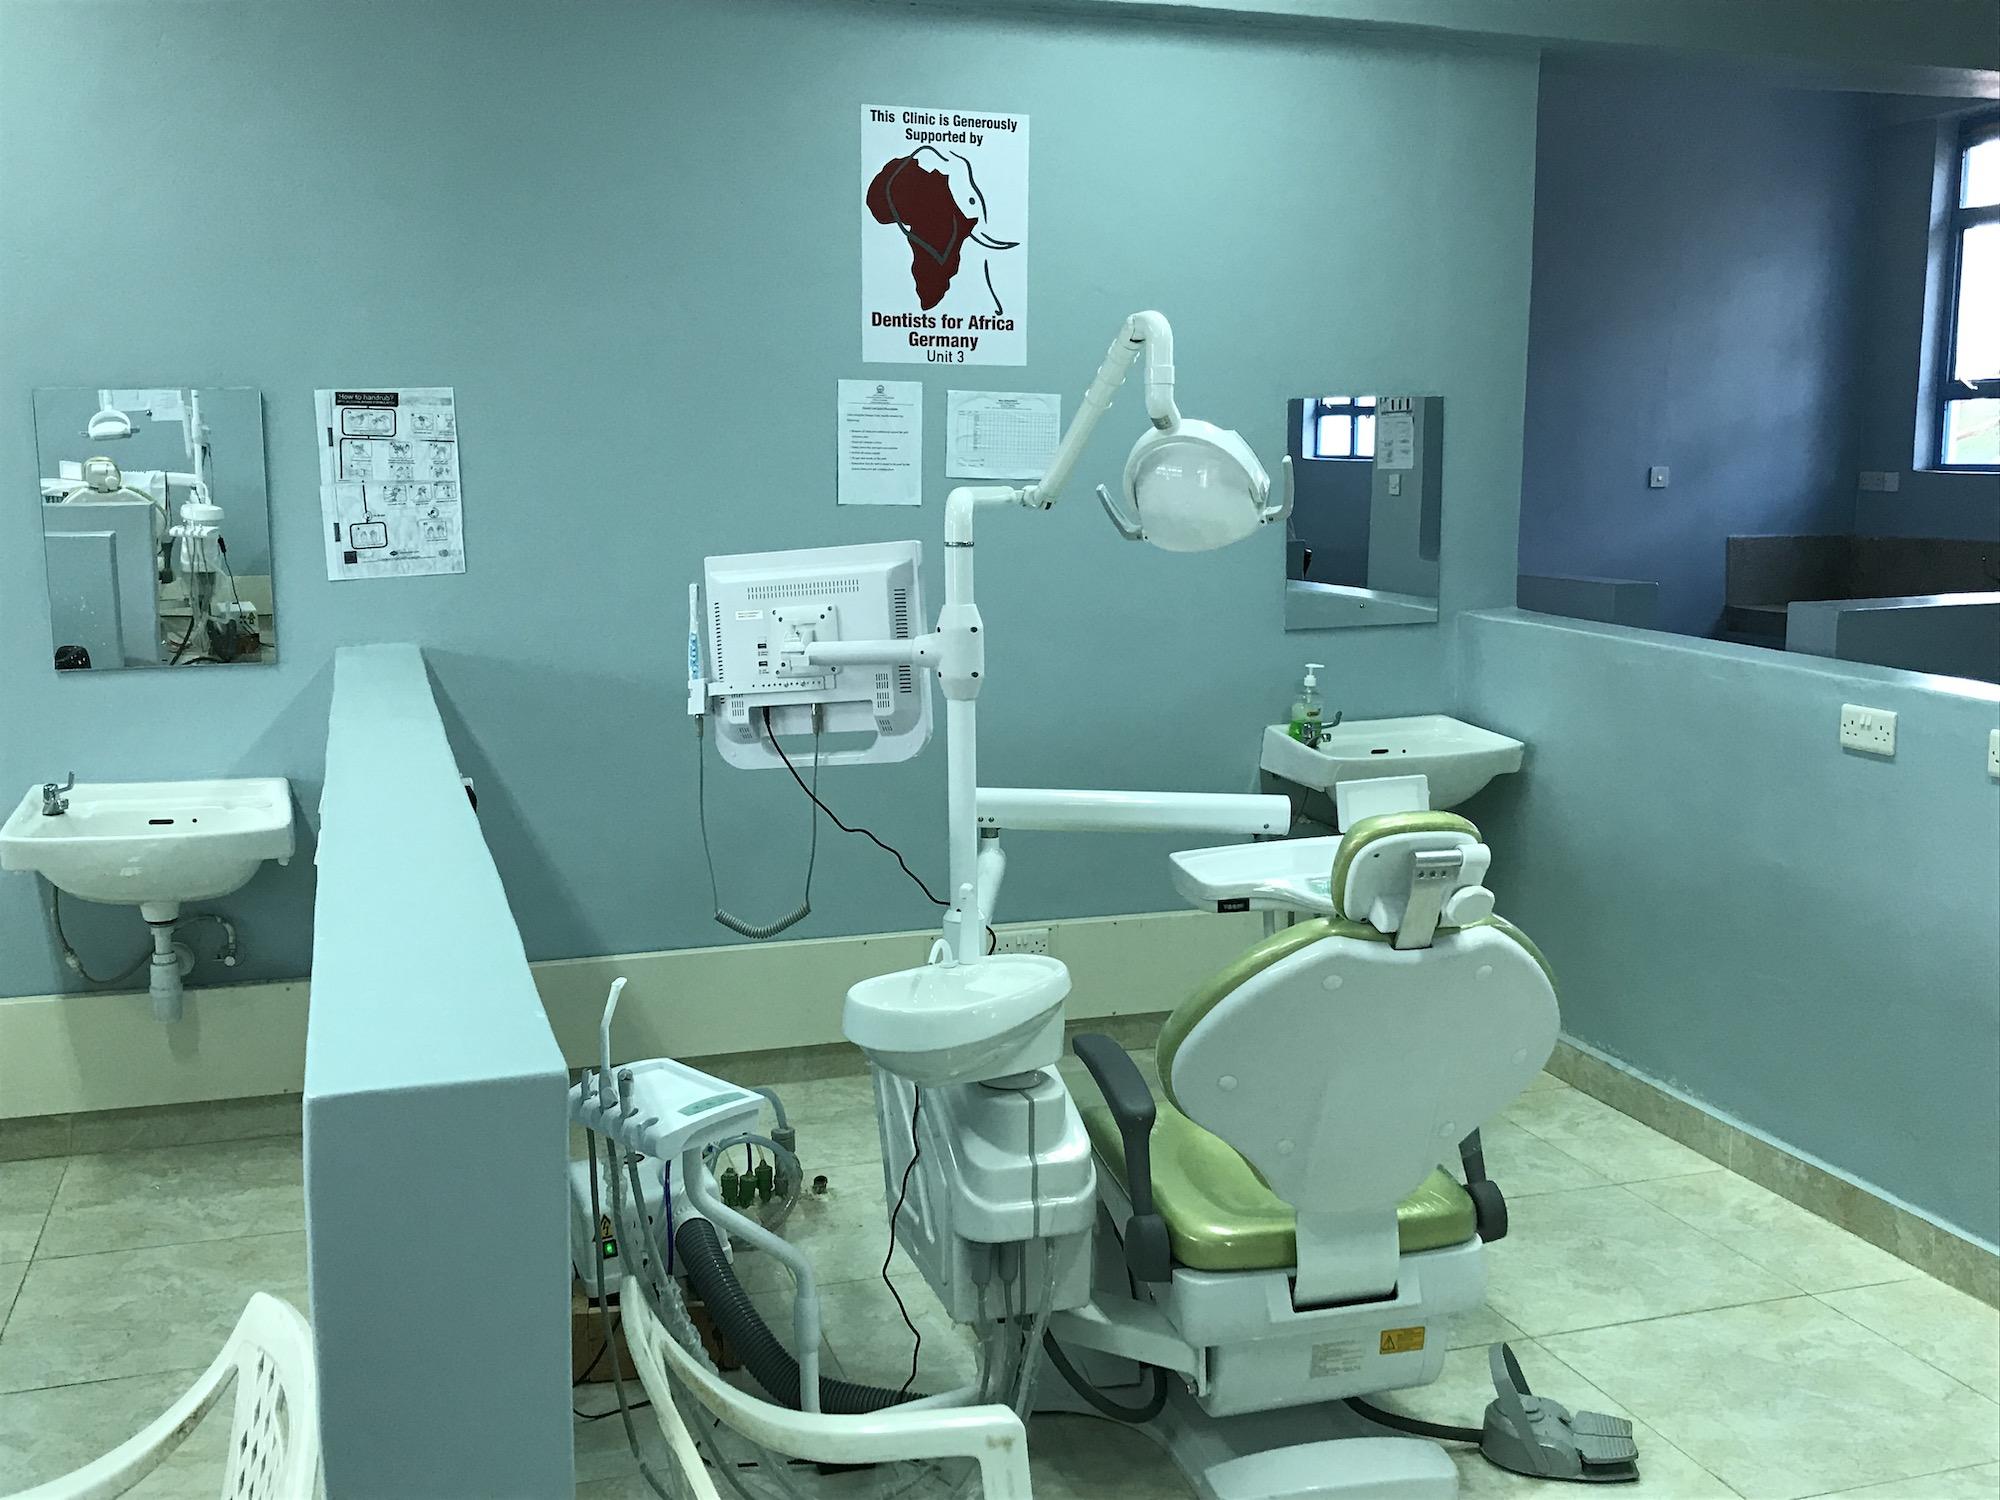 Neuer-Behandlungsstuhl-Universitaet-Eldoret